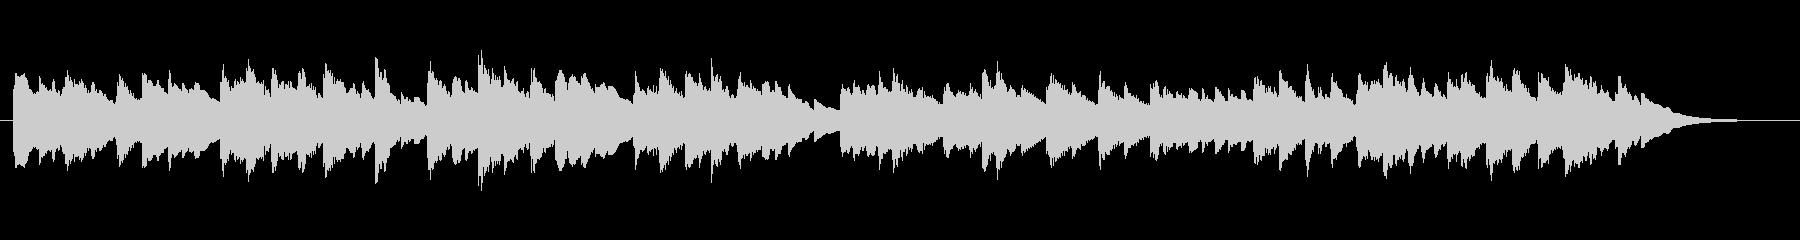 オーラ・リー/オルゴールの未再生の波形